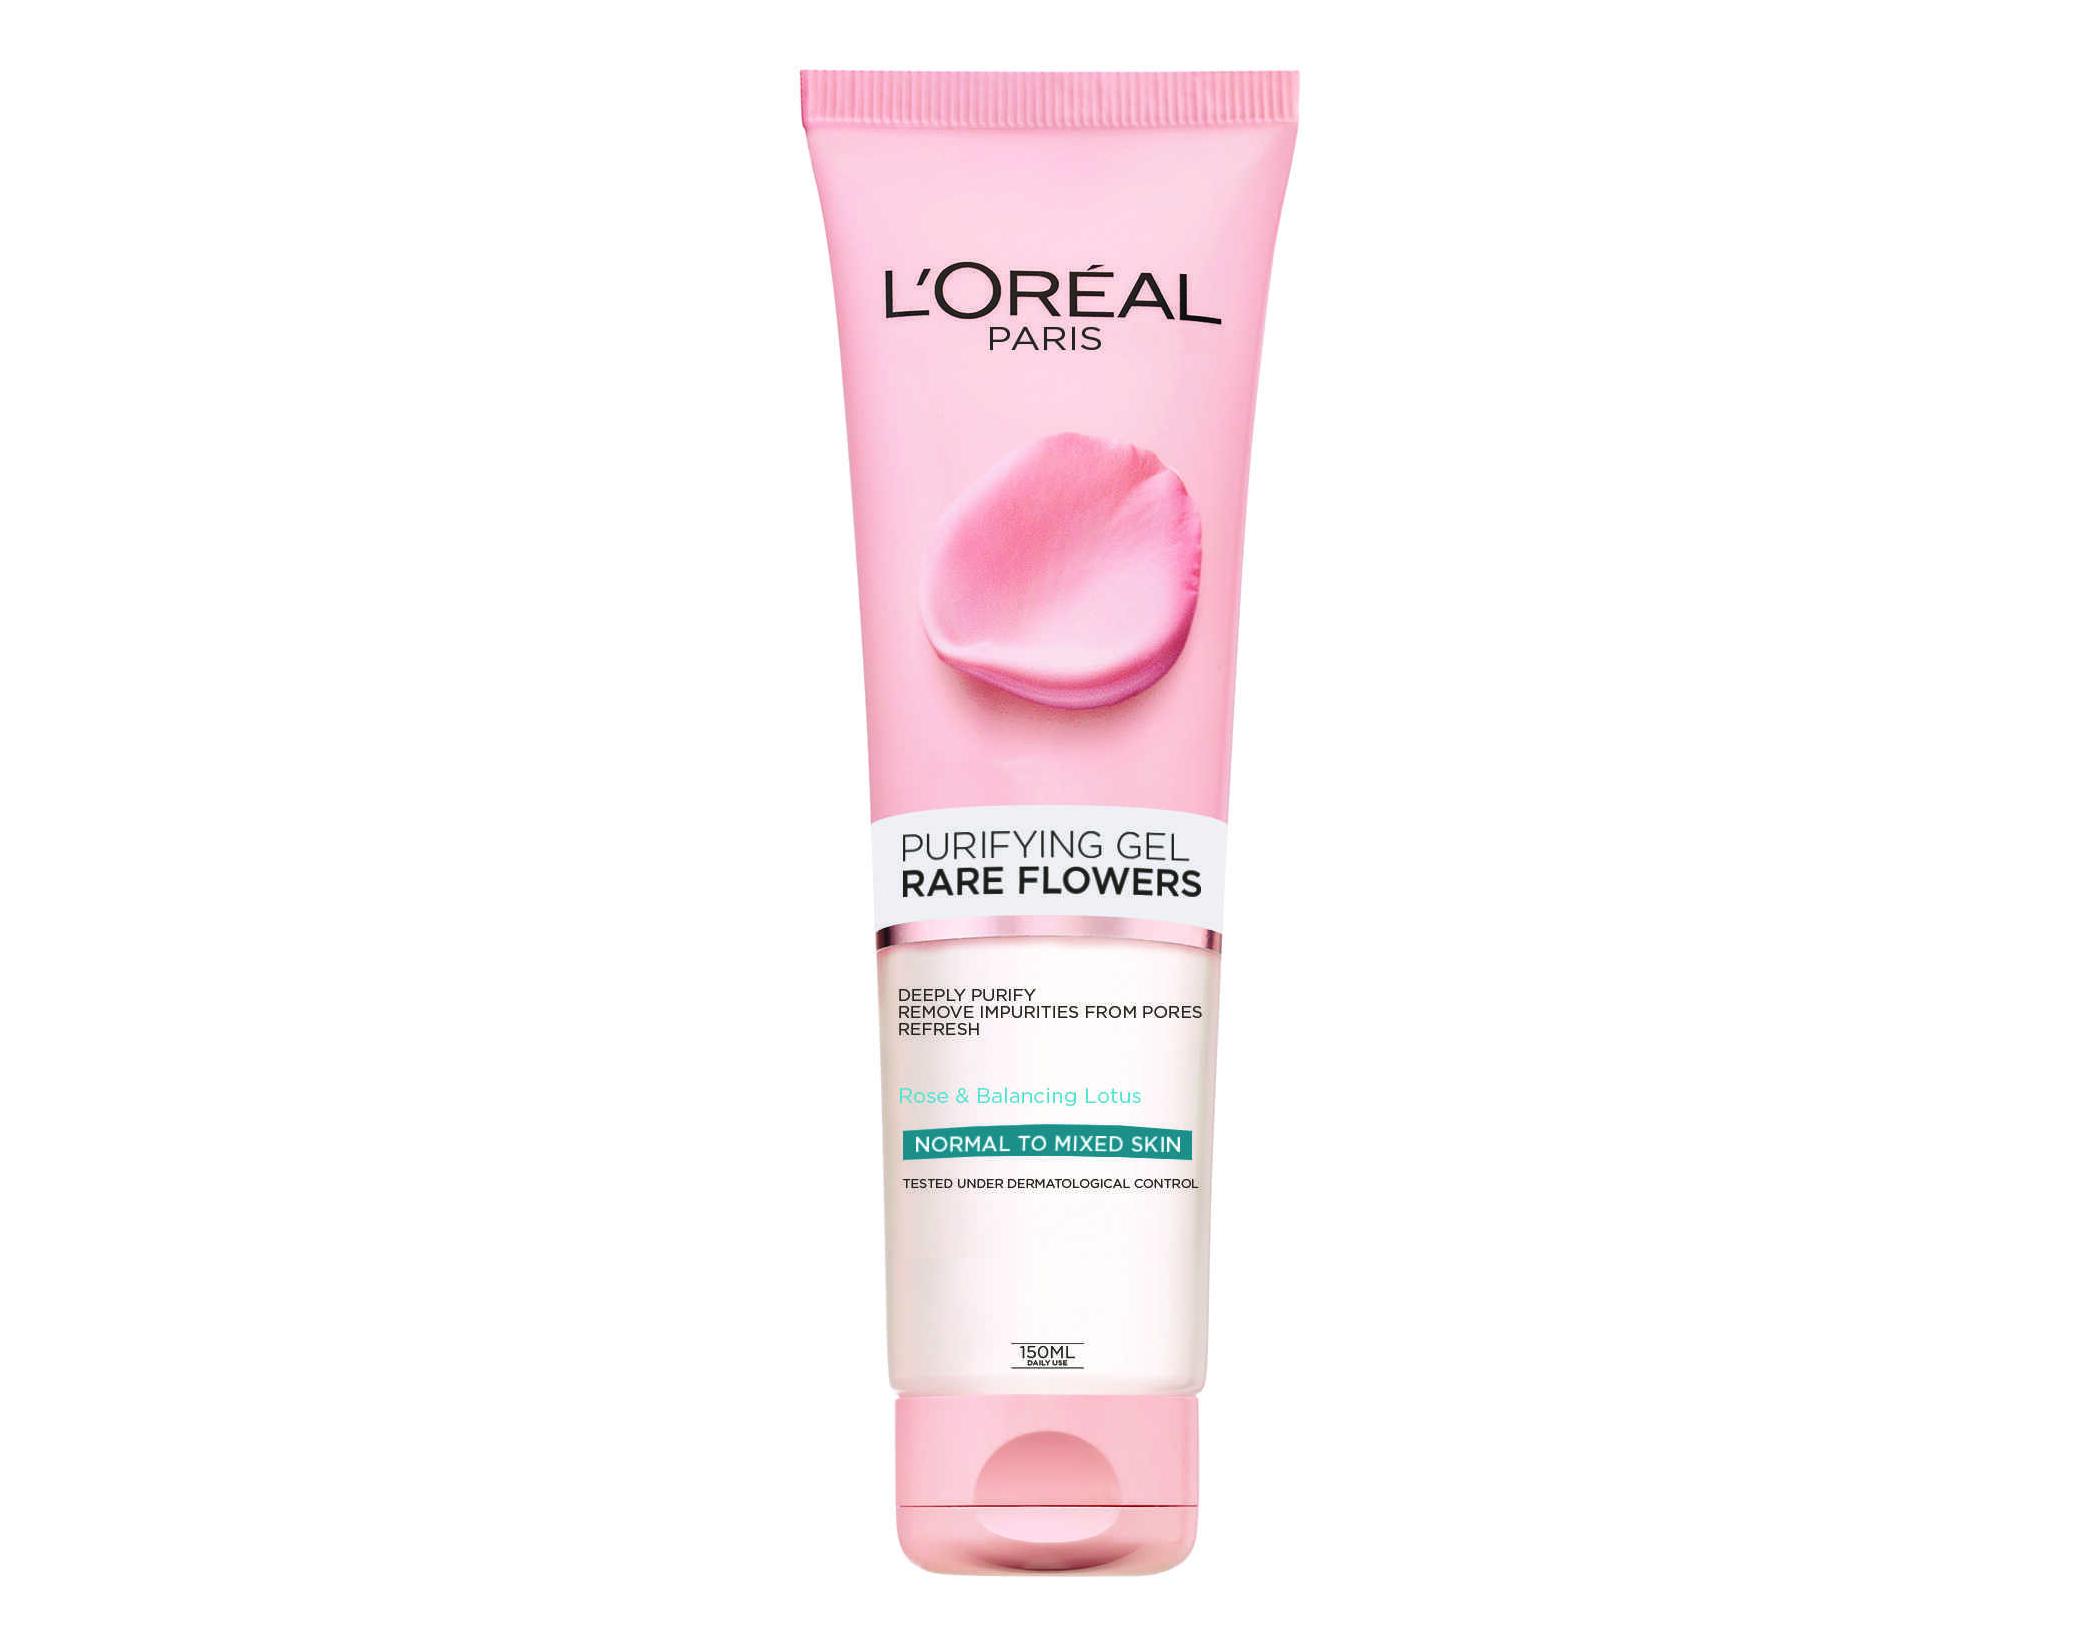 """2 ג'ל ניקוי פנים לעור רגיל 150 מ""""ל L'OREAL מסדרת Rare Flowers"""